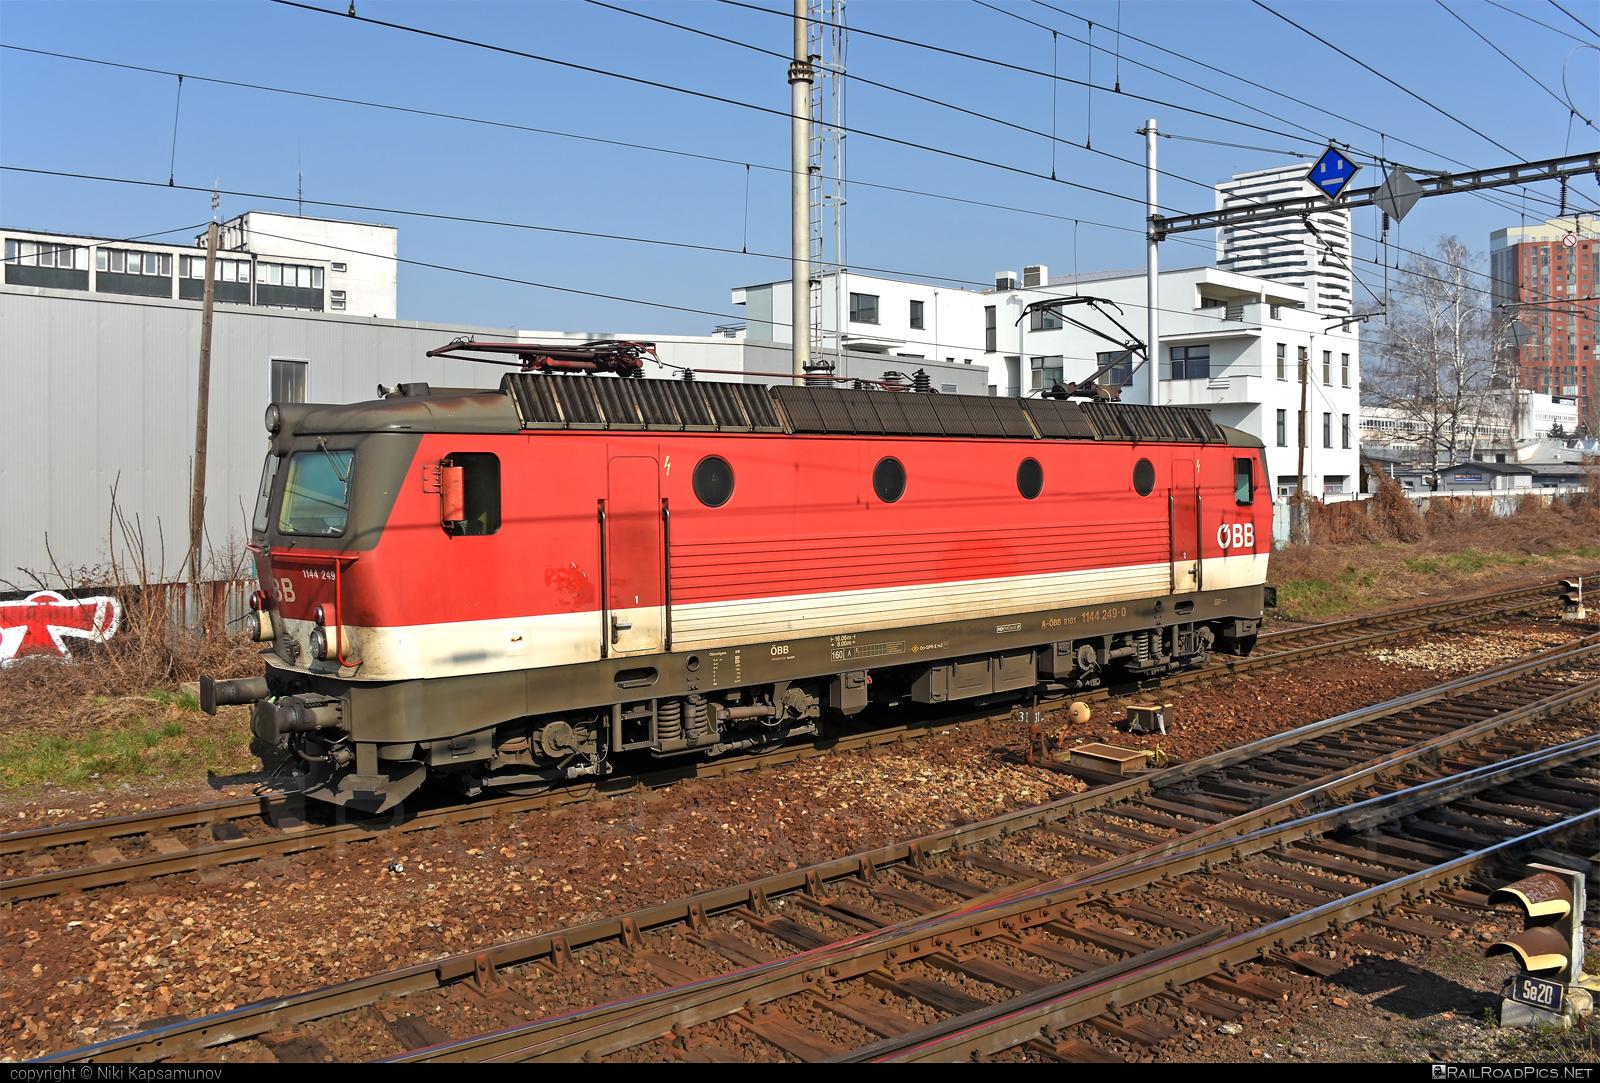 SGP ÖBB Class 1144 - 1144 249 operated by Rail Cargo Austria AG #obb #obbclass1144 #osterreichischebundesbahnen #rcw #sgp #sgp1144 #simmeringgrazpauker